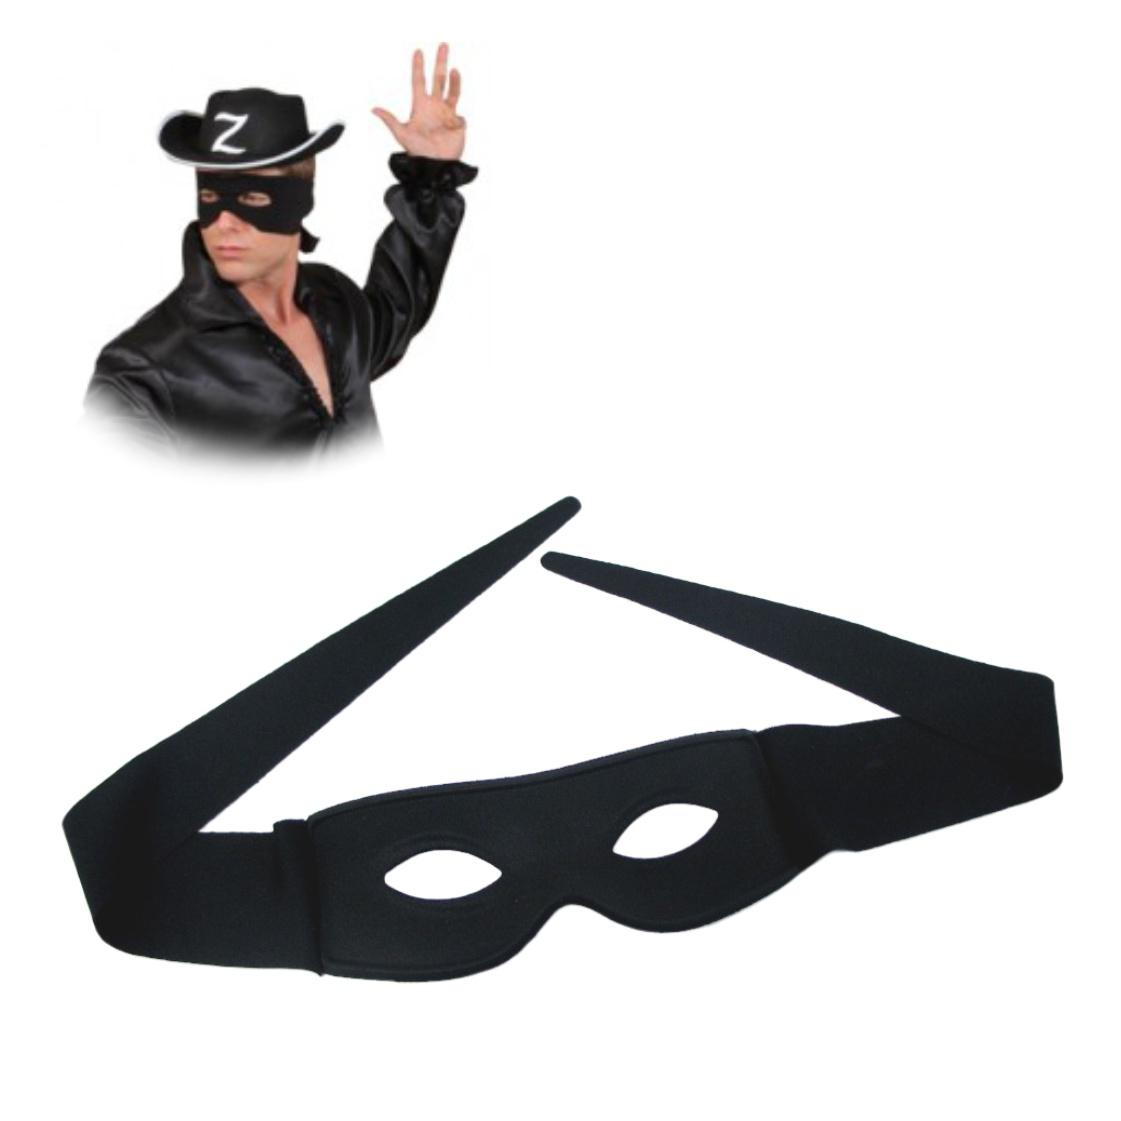 Zorro Maske schwarz Augenbinde Fasching Karneval Räuber Krieger Kämpfer